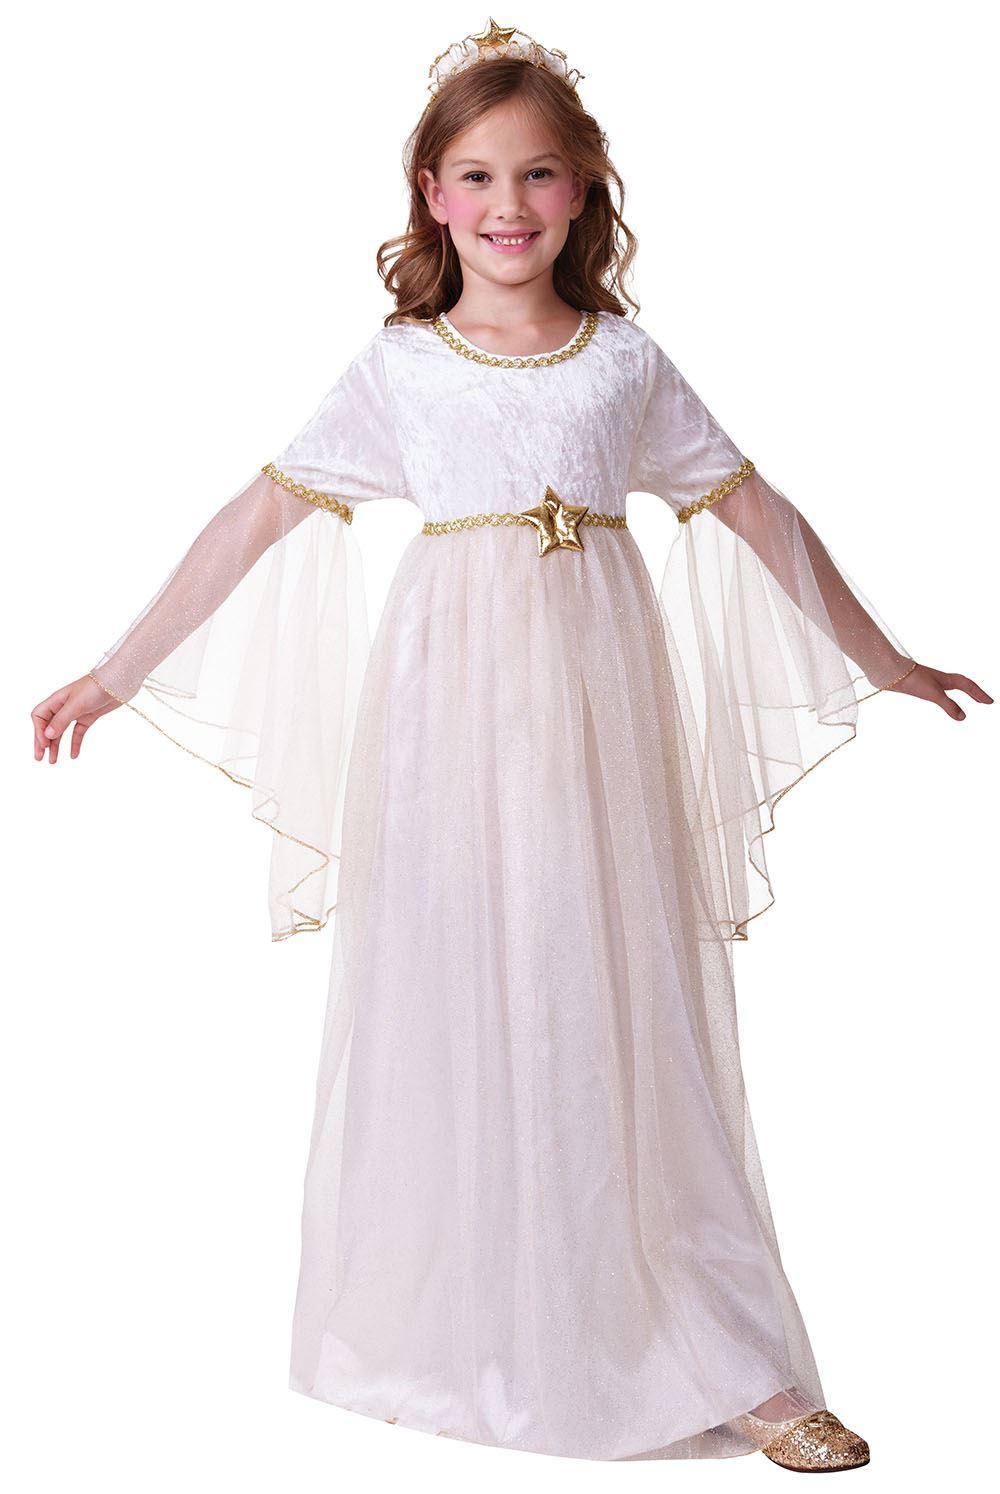 Hijo de 3 10 a os marfil vestido elegante traje de ropa for Disfraces de angeles